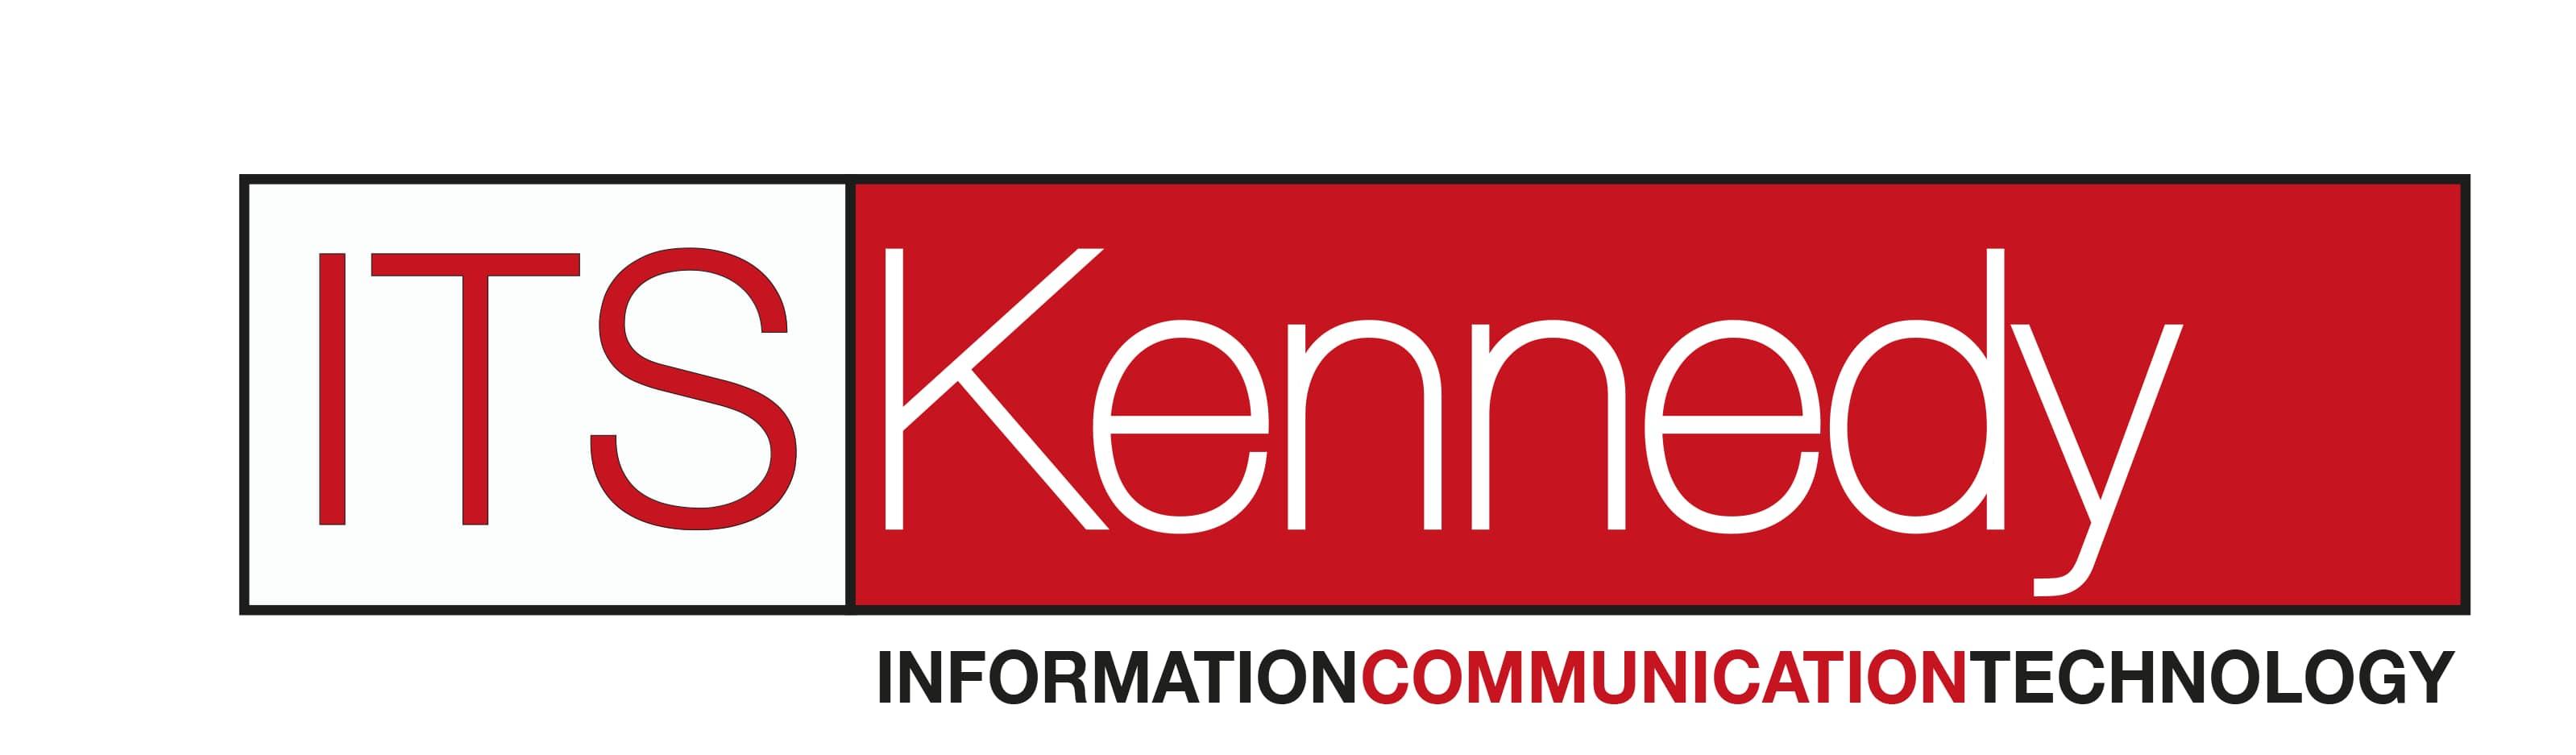 Fondazione ITS Kennedy - logo leo